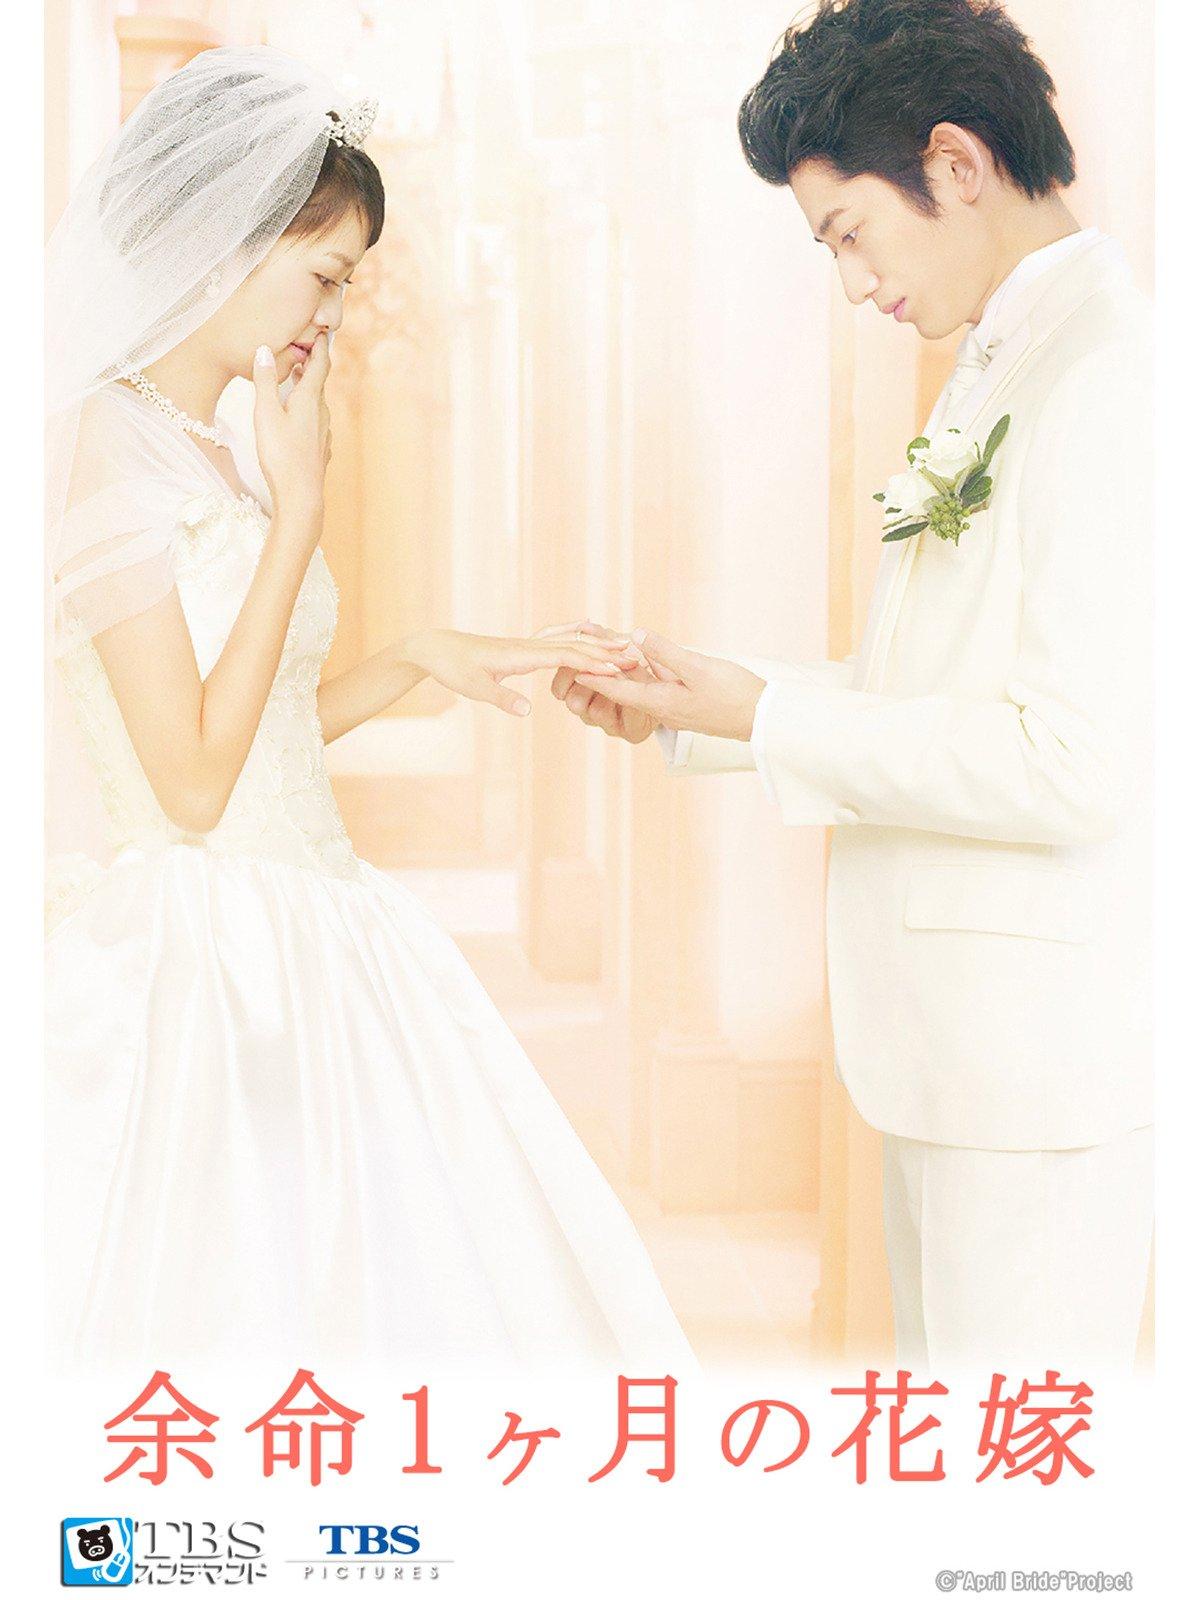 実話 ヶ月 の 余命 一 花嫁